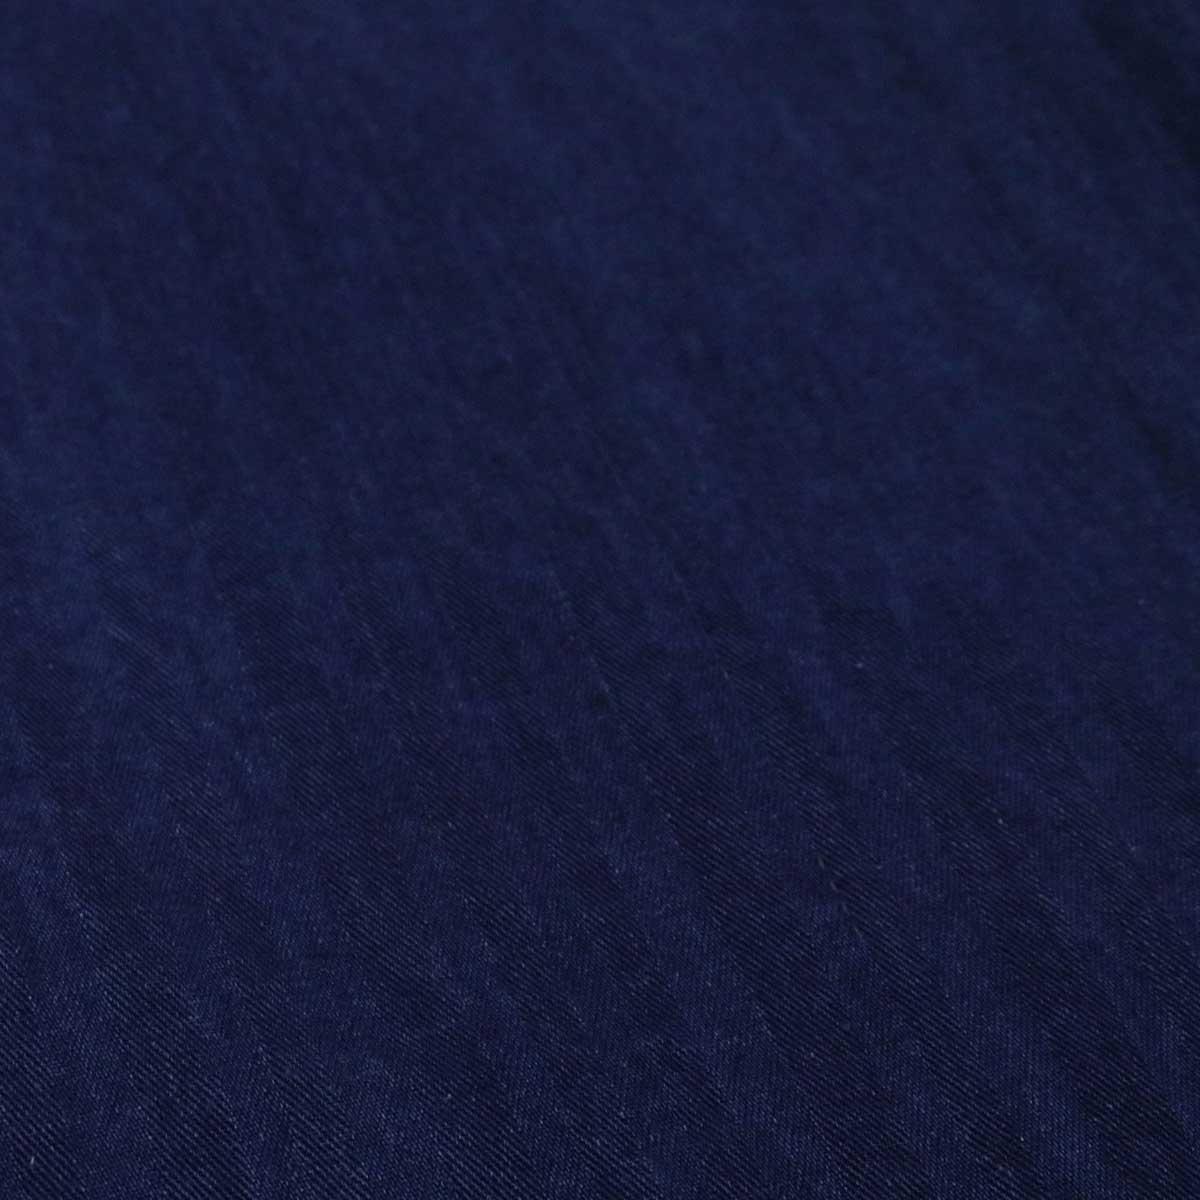 ≪SALE・20パーセントオフ≫ ESTROISLOSE エストゥロワルーズ インディゴ へリンボン ワイドパンツ